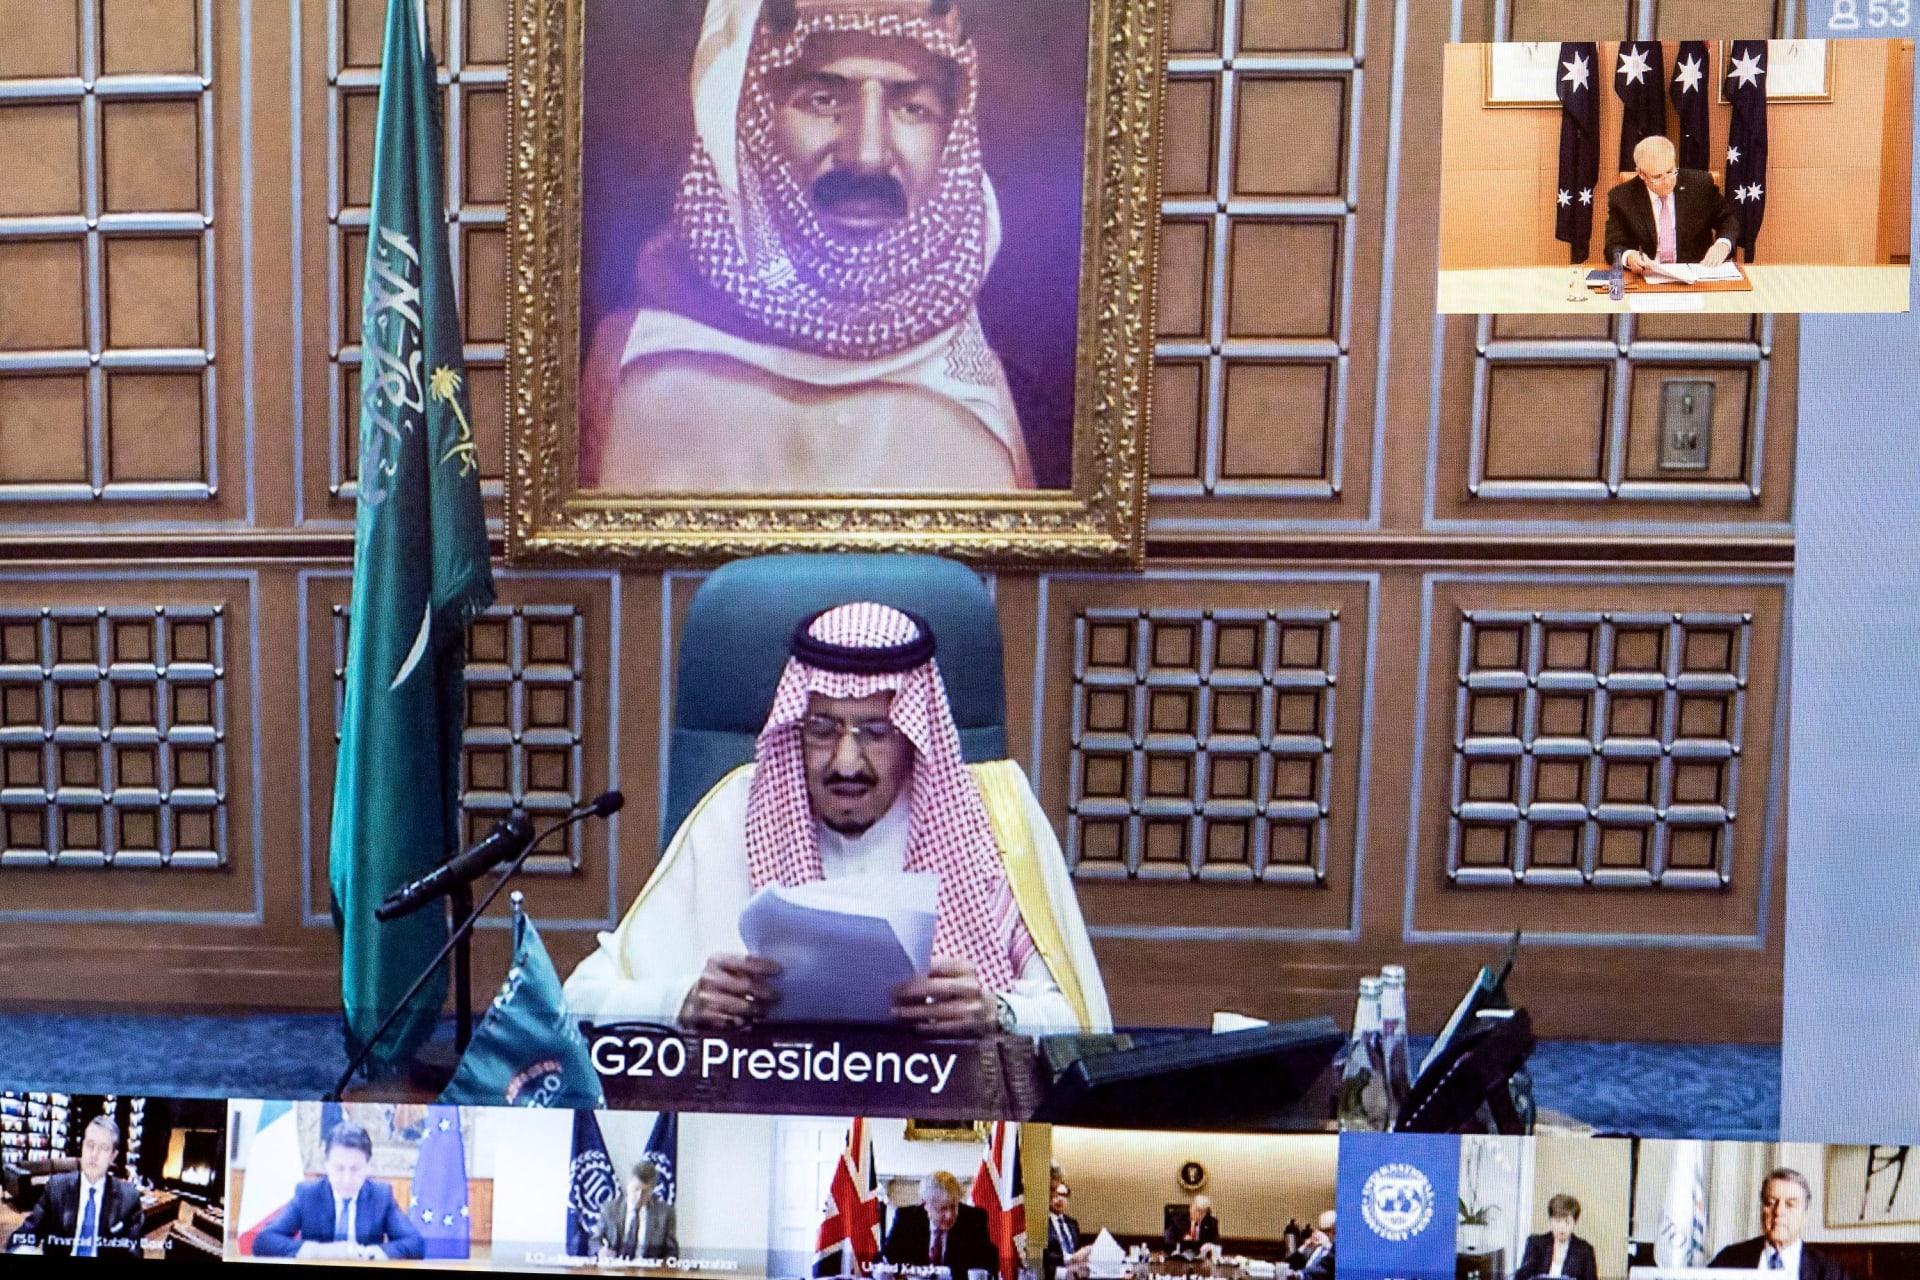 العاهل السعودي الملك سلمان بن عبد العزيز خلال الاجتماع الافتراضي لقادة مجموعة العشرين